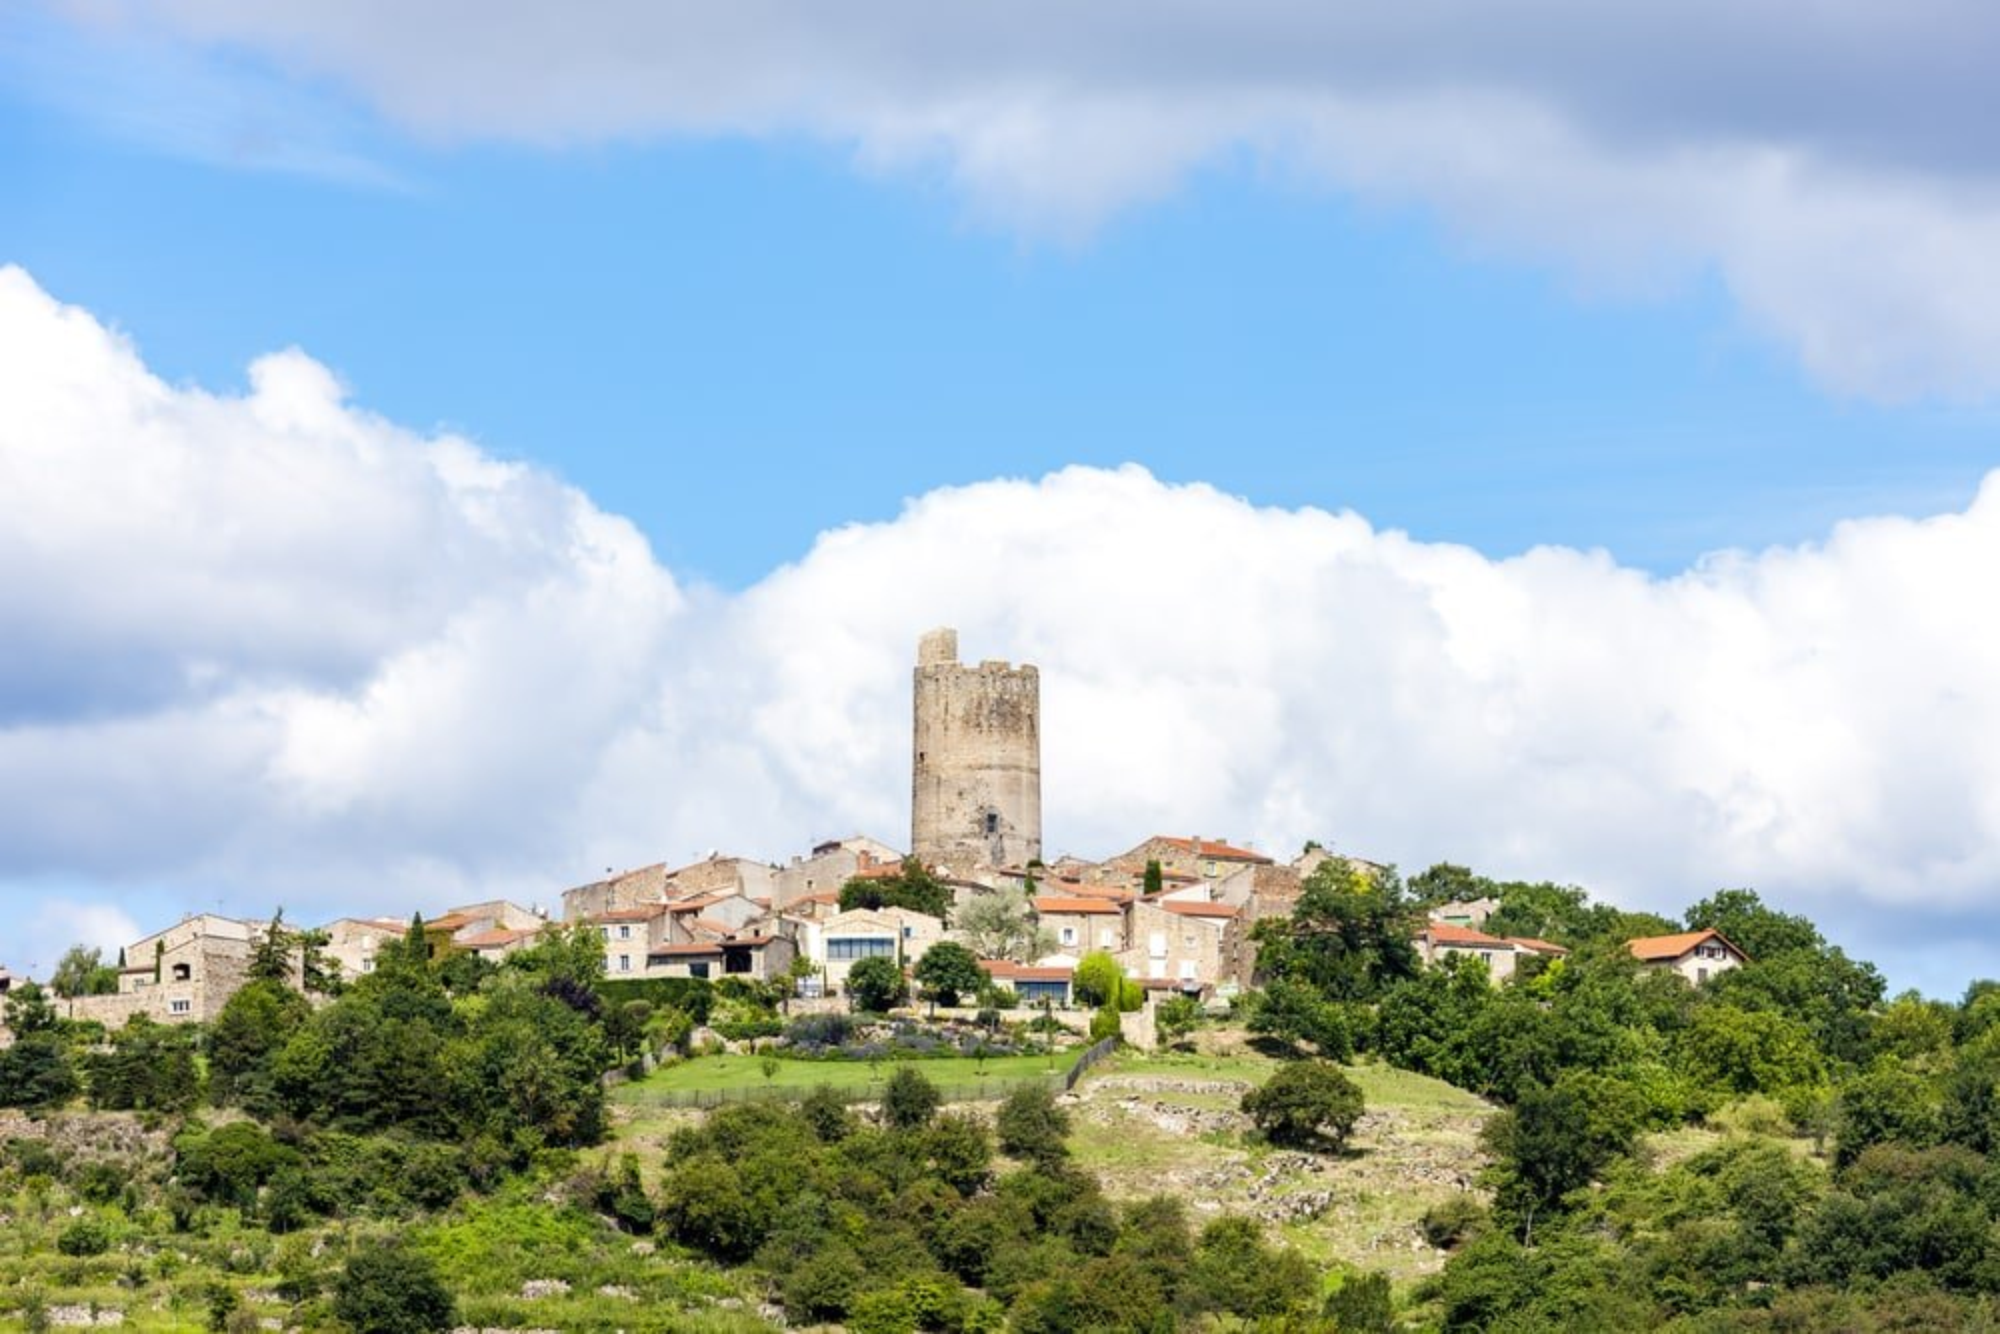 Visiter Montpeyroux : plus beaux villages de France